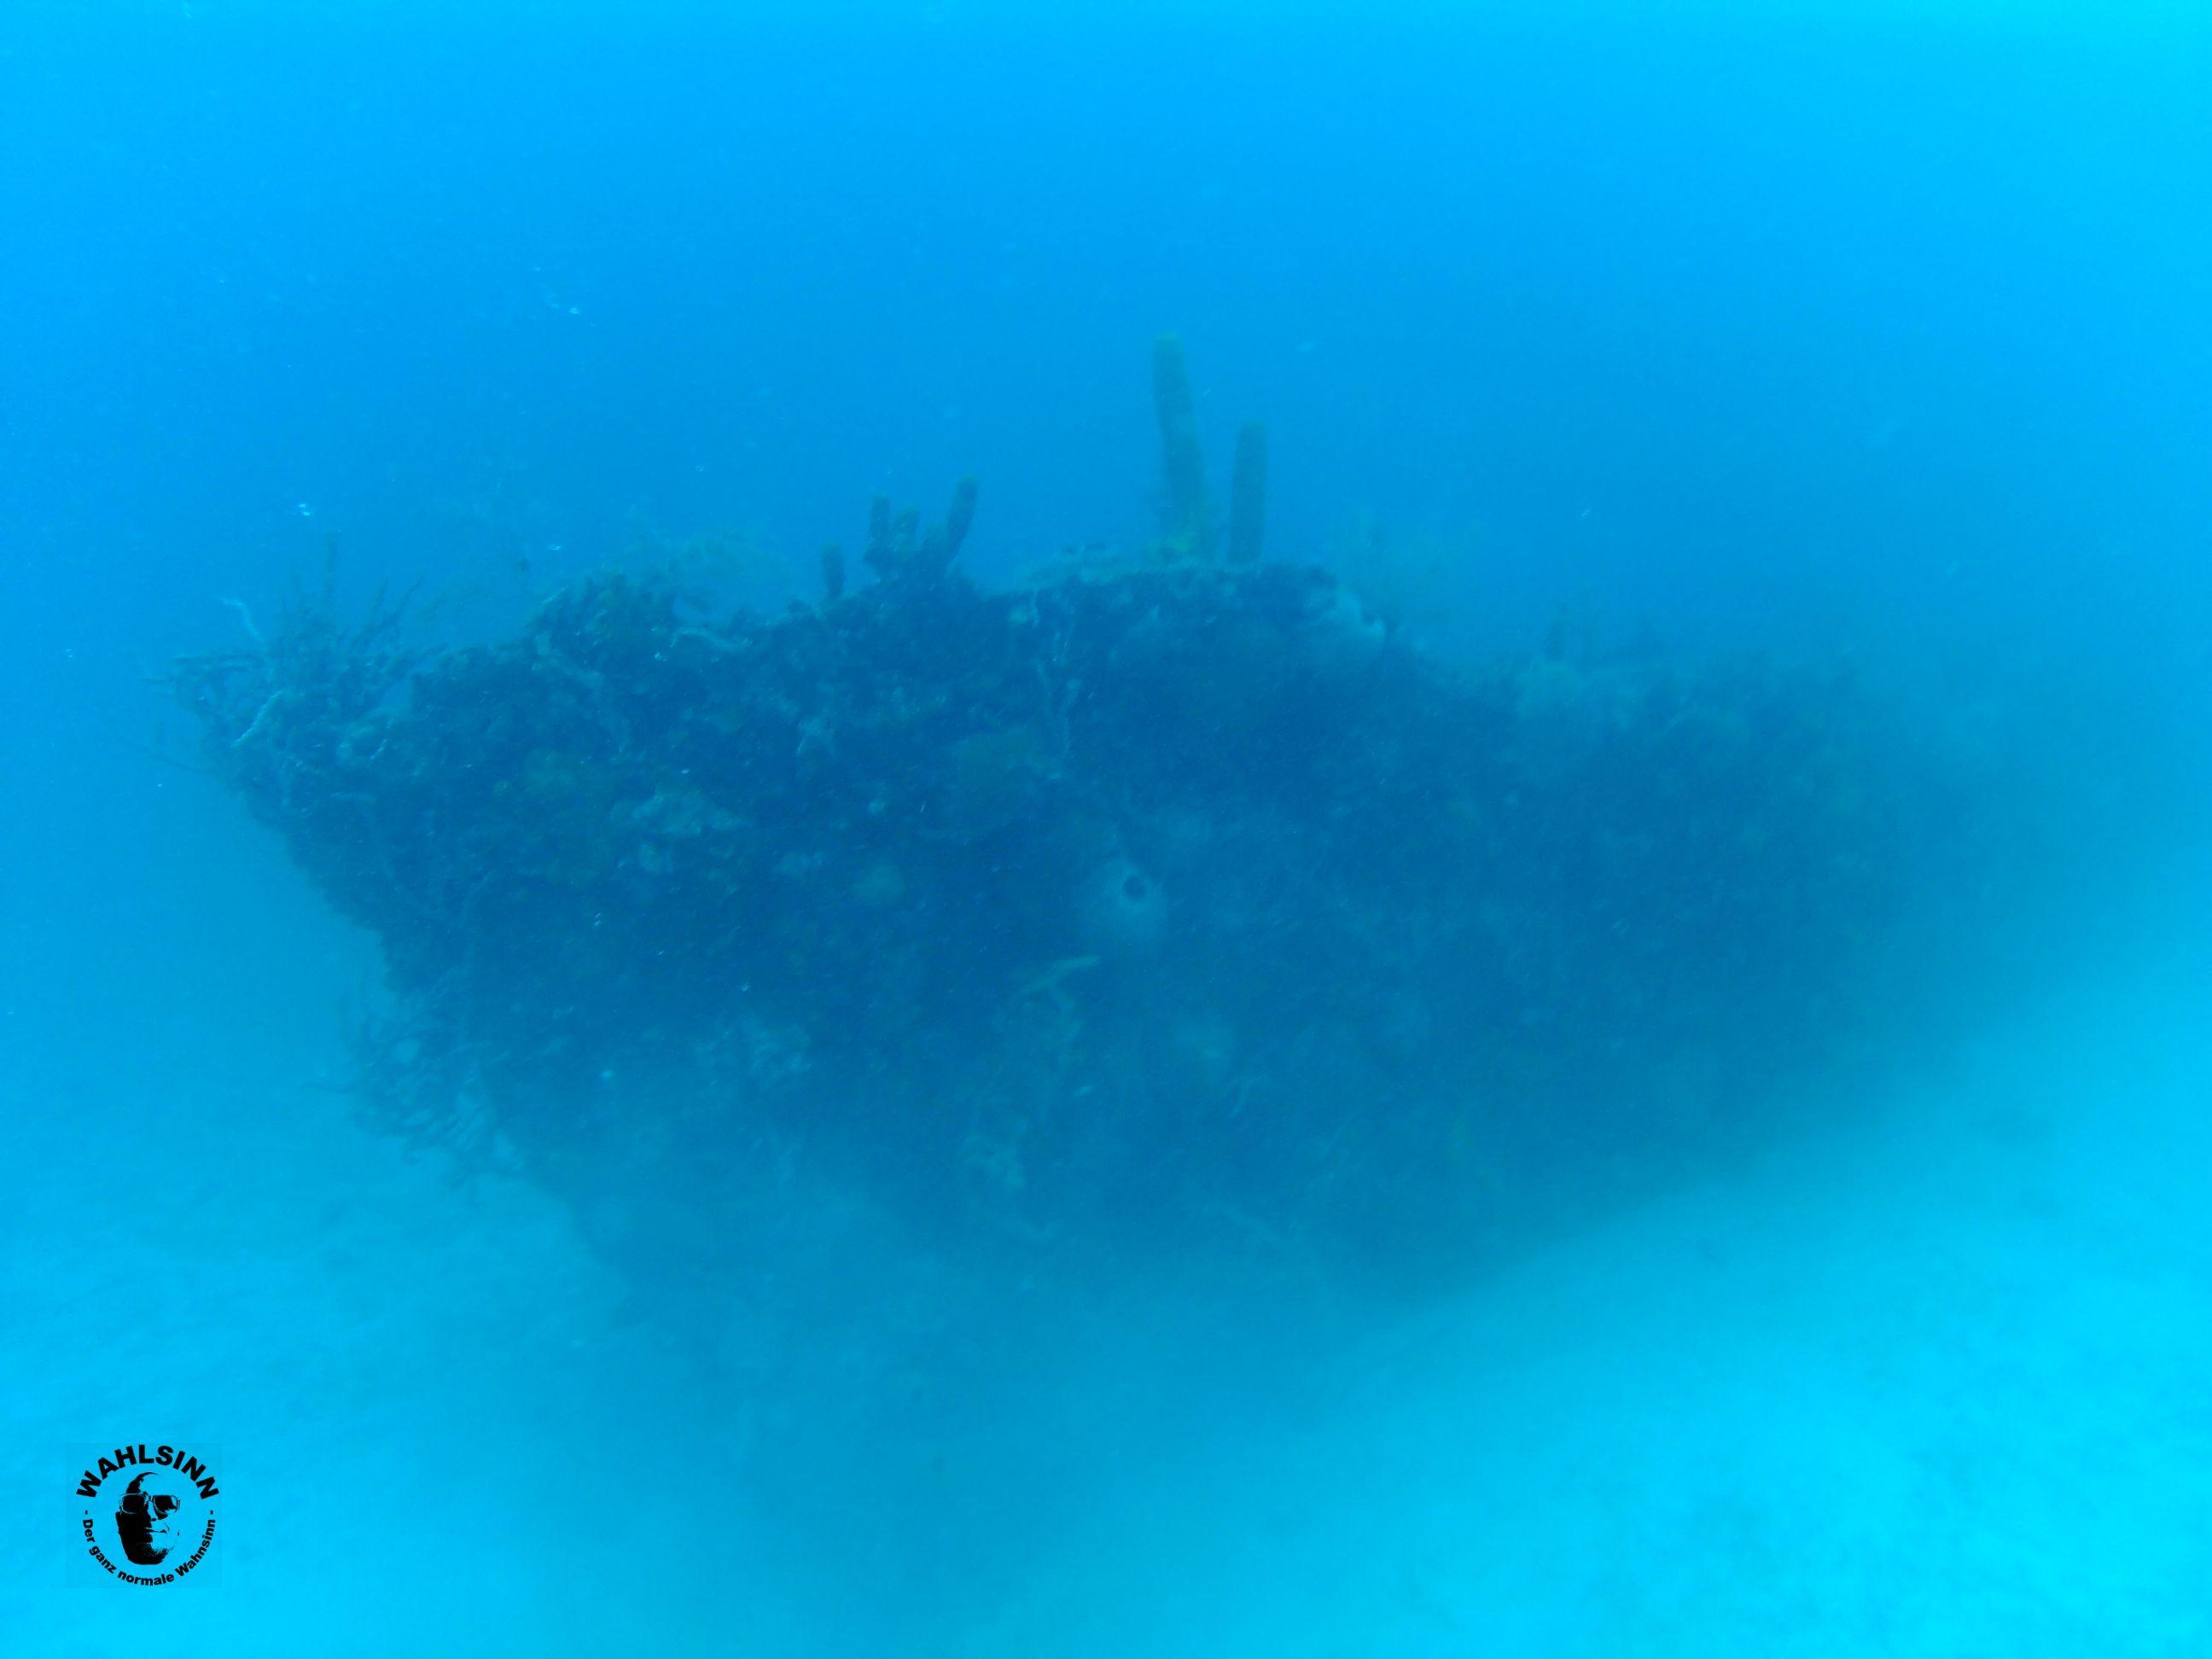 Barbados - Die Unterwasserwelt hat gute sichtweiten, viele schöne Korallen und klasse Wracks